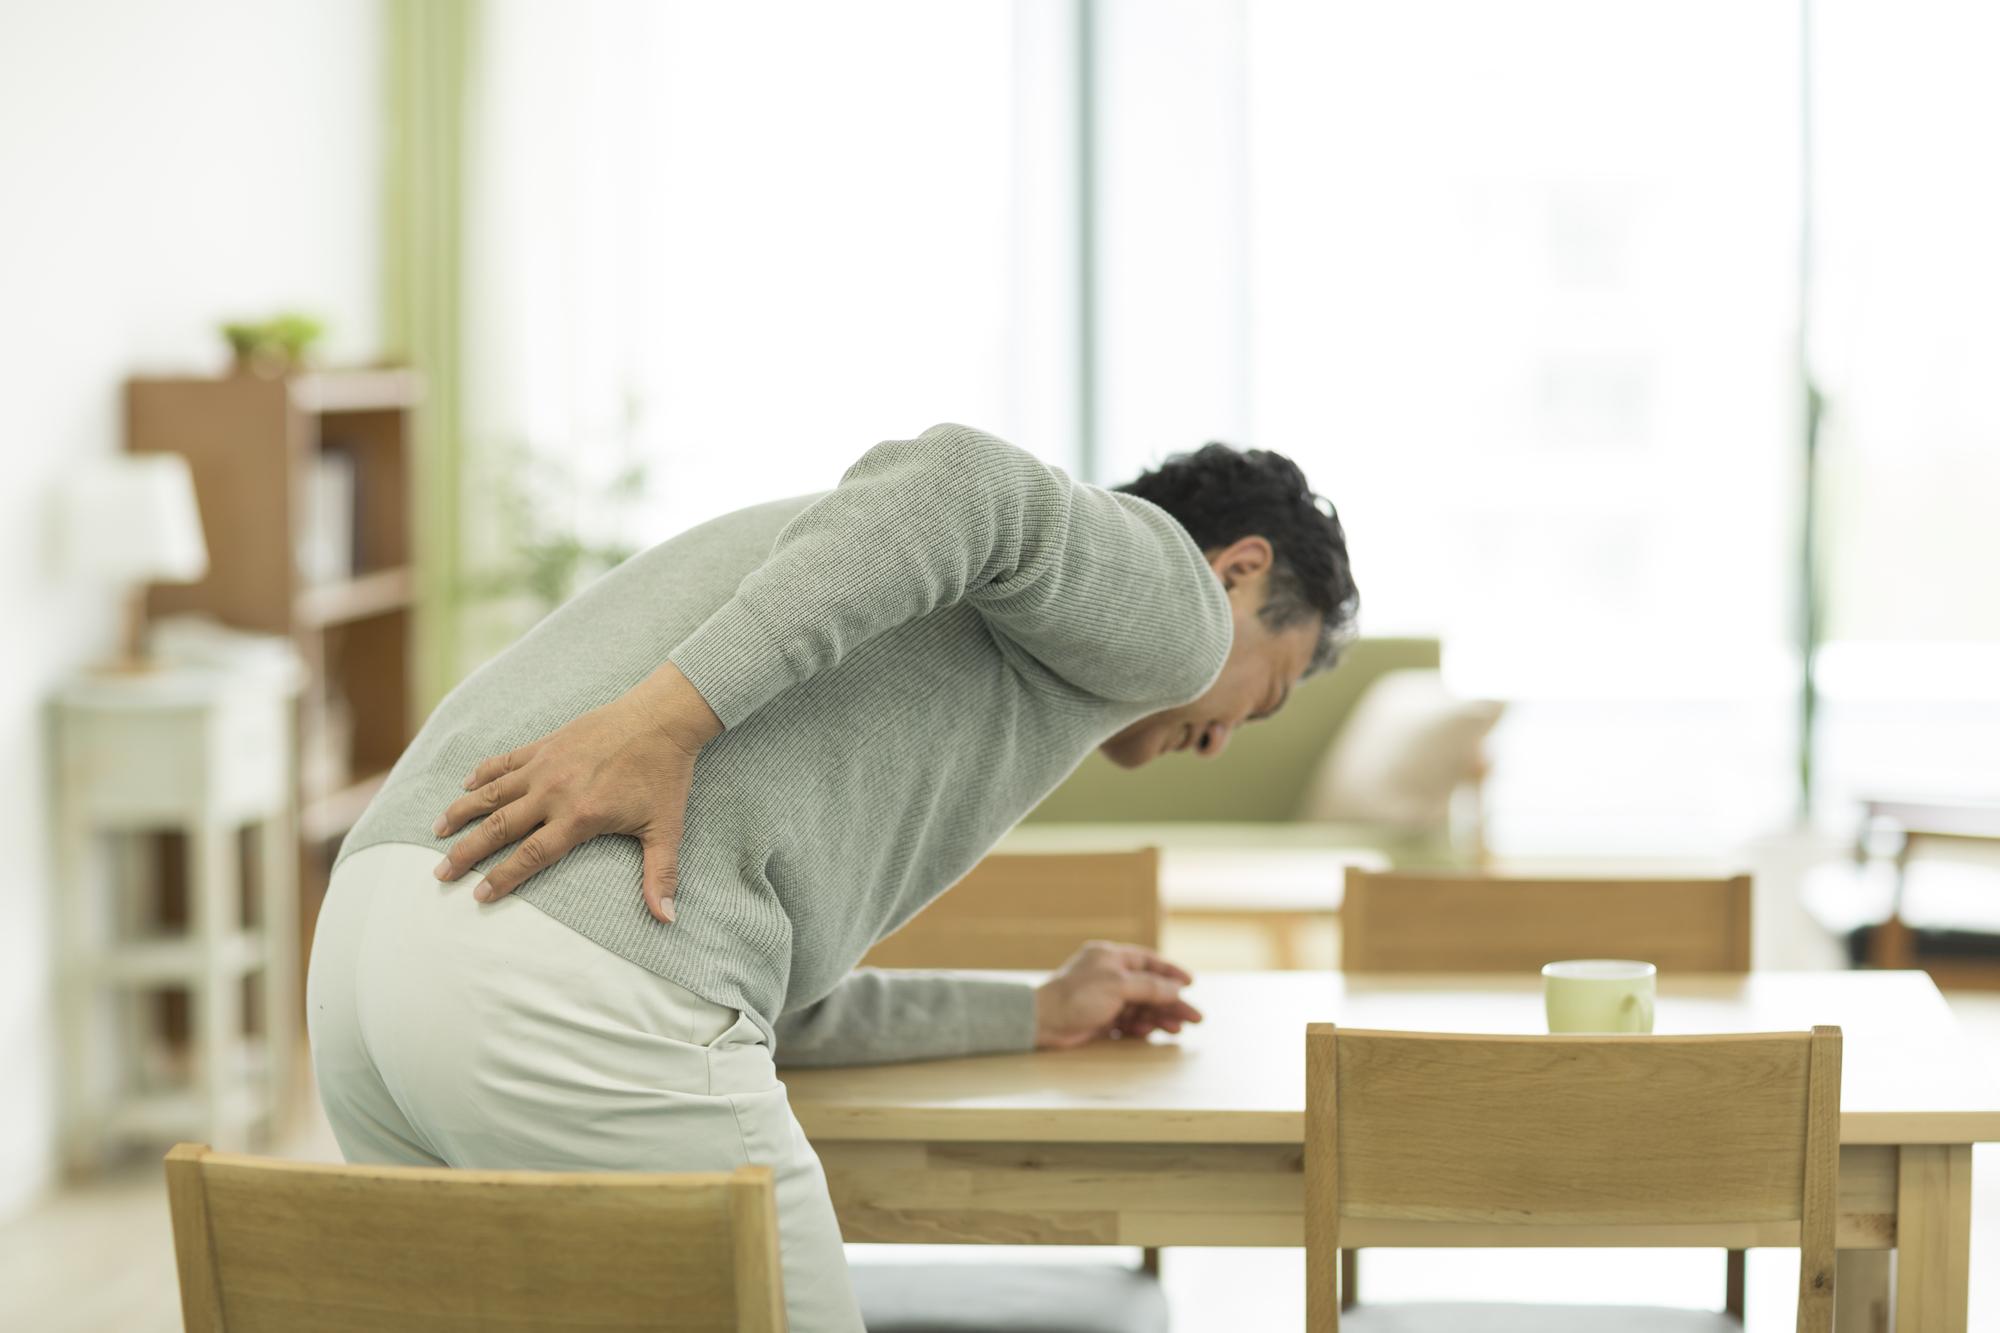 椎間板 と は 症 腰椎